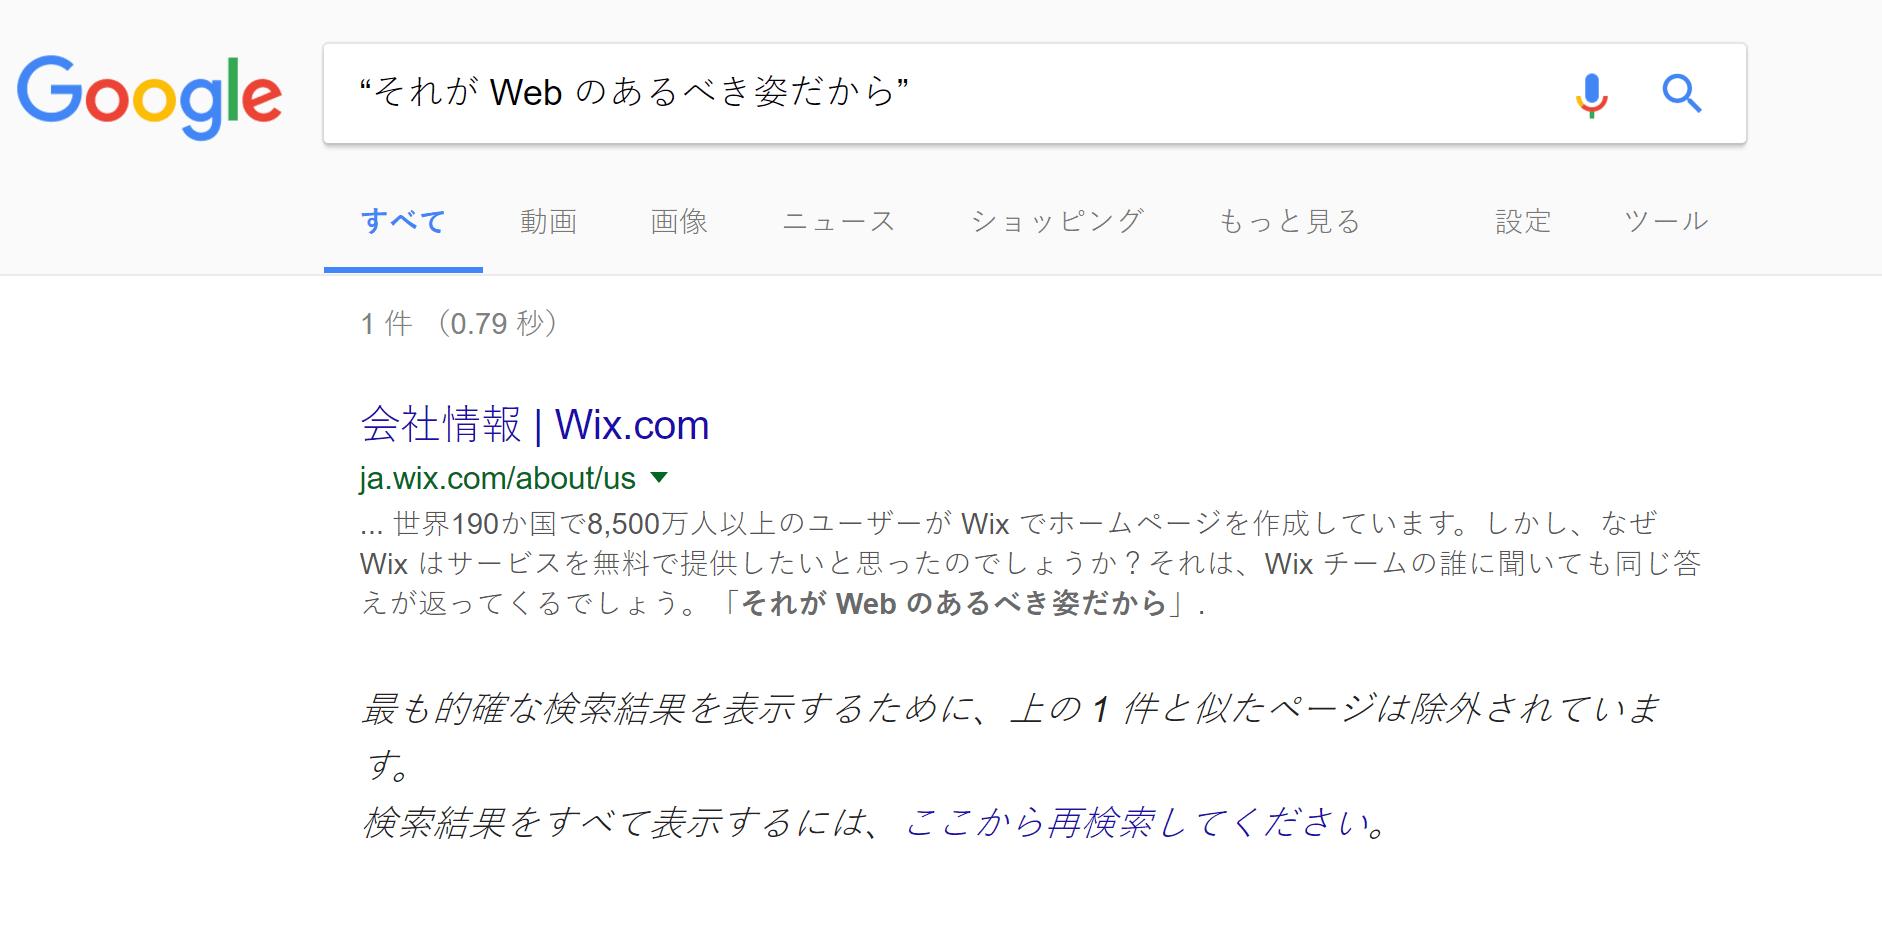 Google, 検索結果表示